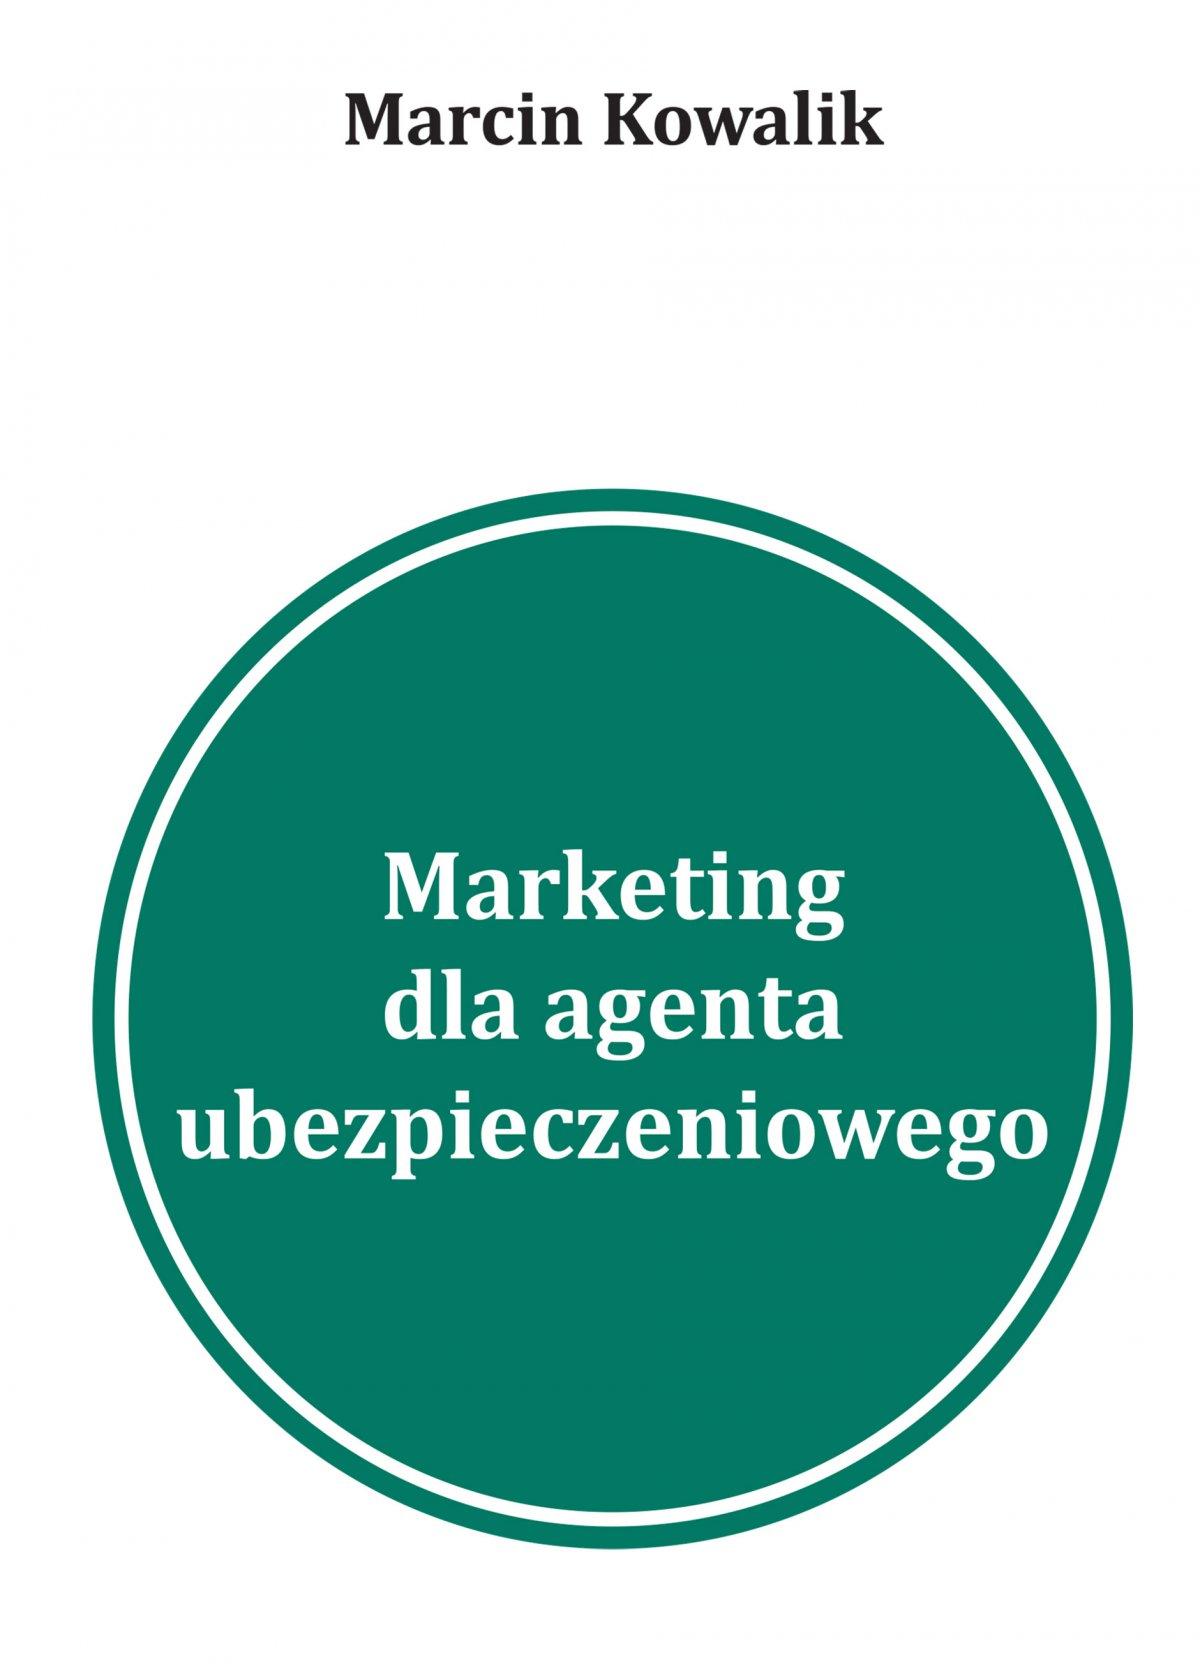 5 inspiracji na marketing w wyszukiwarkach dla agentów ubezpieczeniowych - Ebook (Książka na Kindle) do pobrania w formacie MOBI